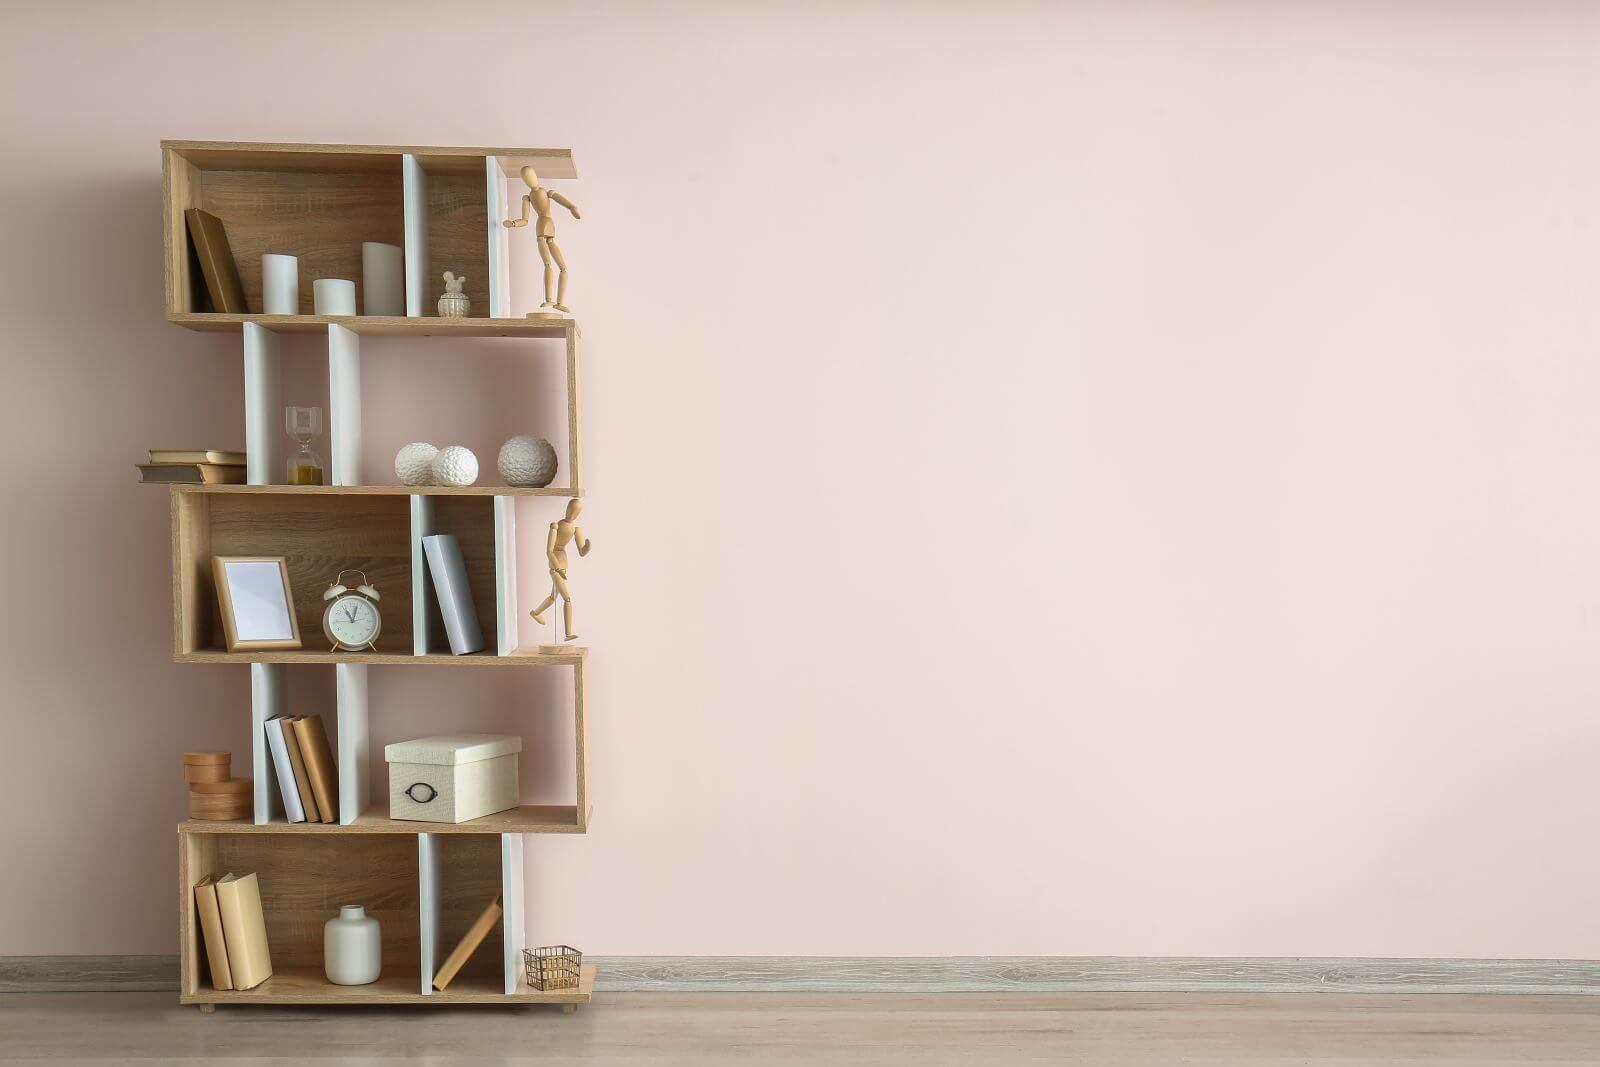 Modern shelf unit near light wall